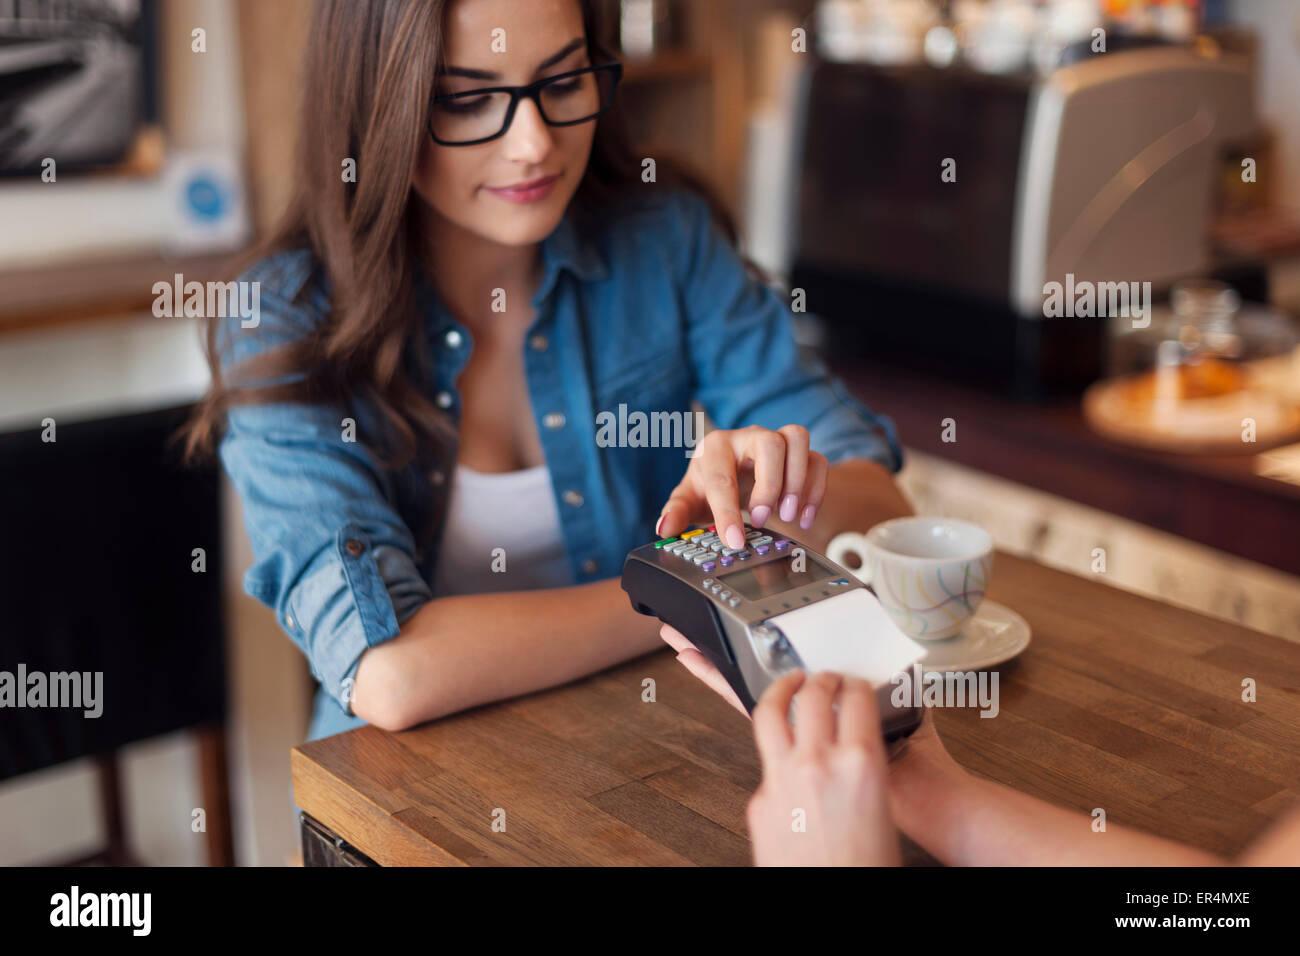 Jeune femme pour payer par carte de crédit cafe reader. Cracovie, Pologne Photo Stock